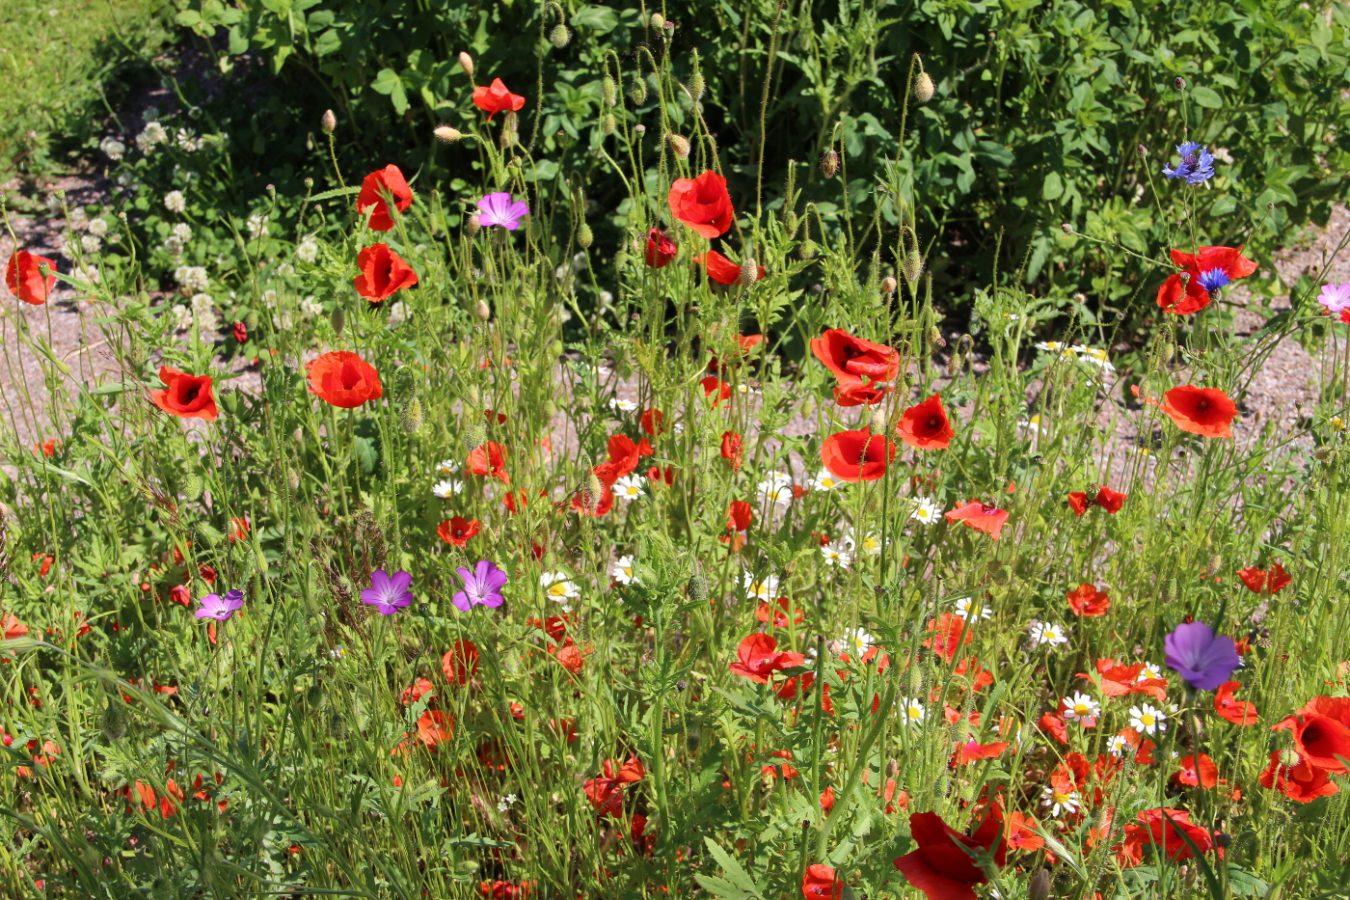 Unikkoja ja muita kukkia kasvamassa niityllä.